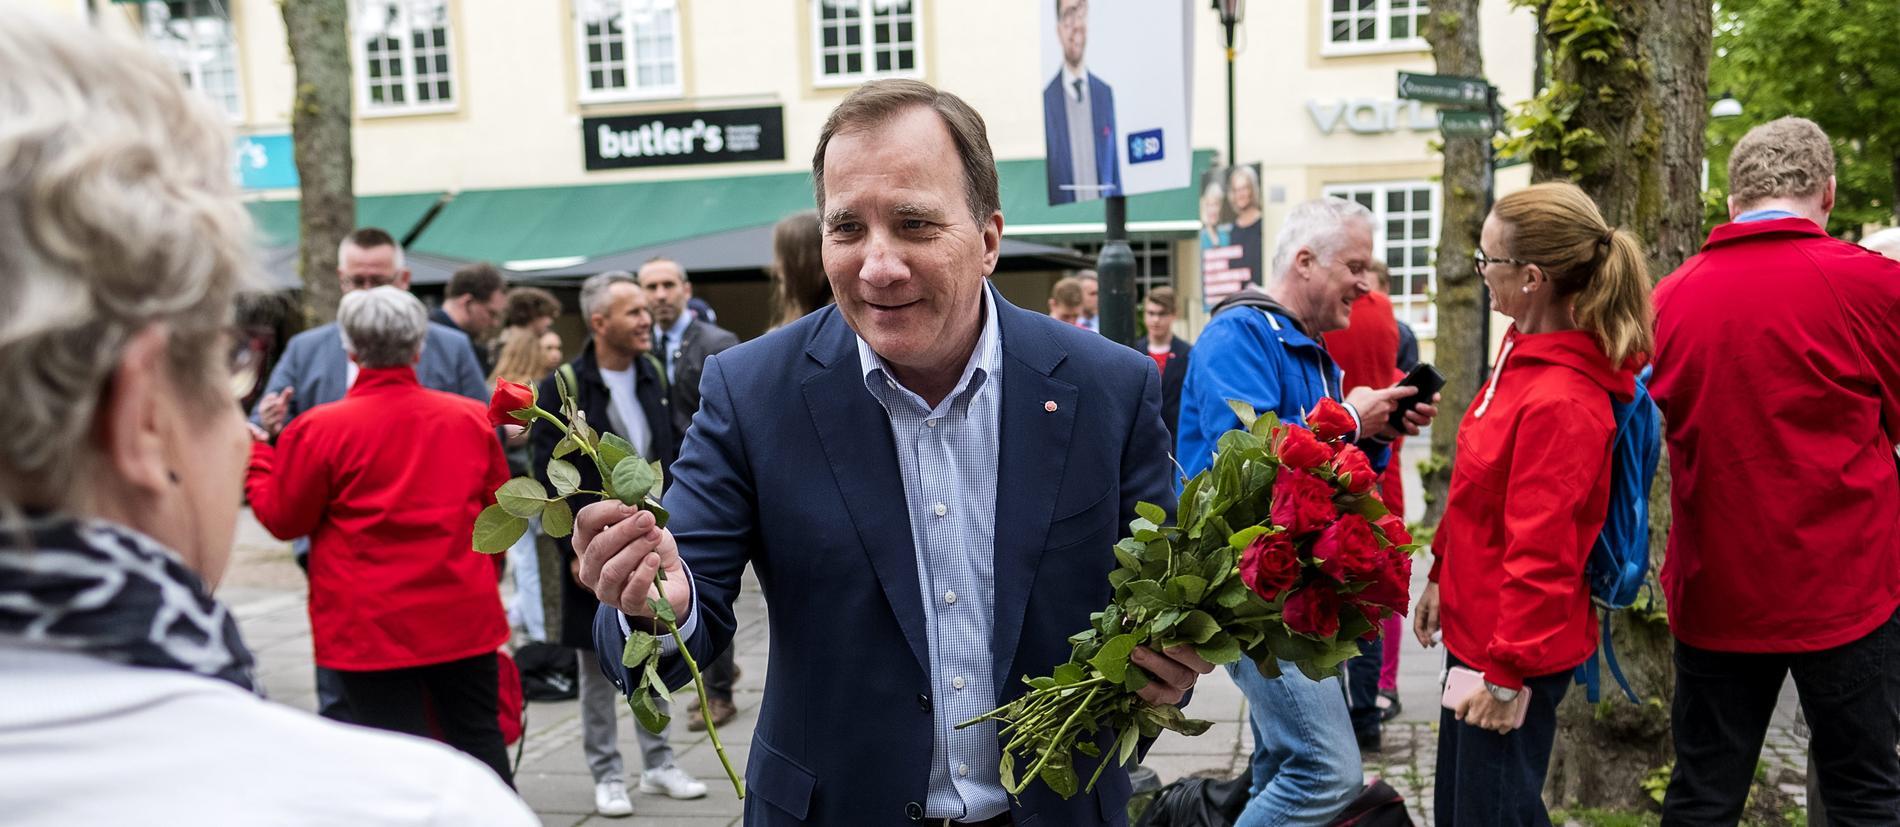 Statsminister Stefan Löfven (S) kan stå inför ännu ett val. Här syns han på valturné i Trollhättan inför EU-valet 2018.